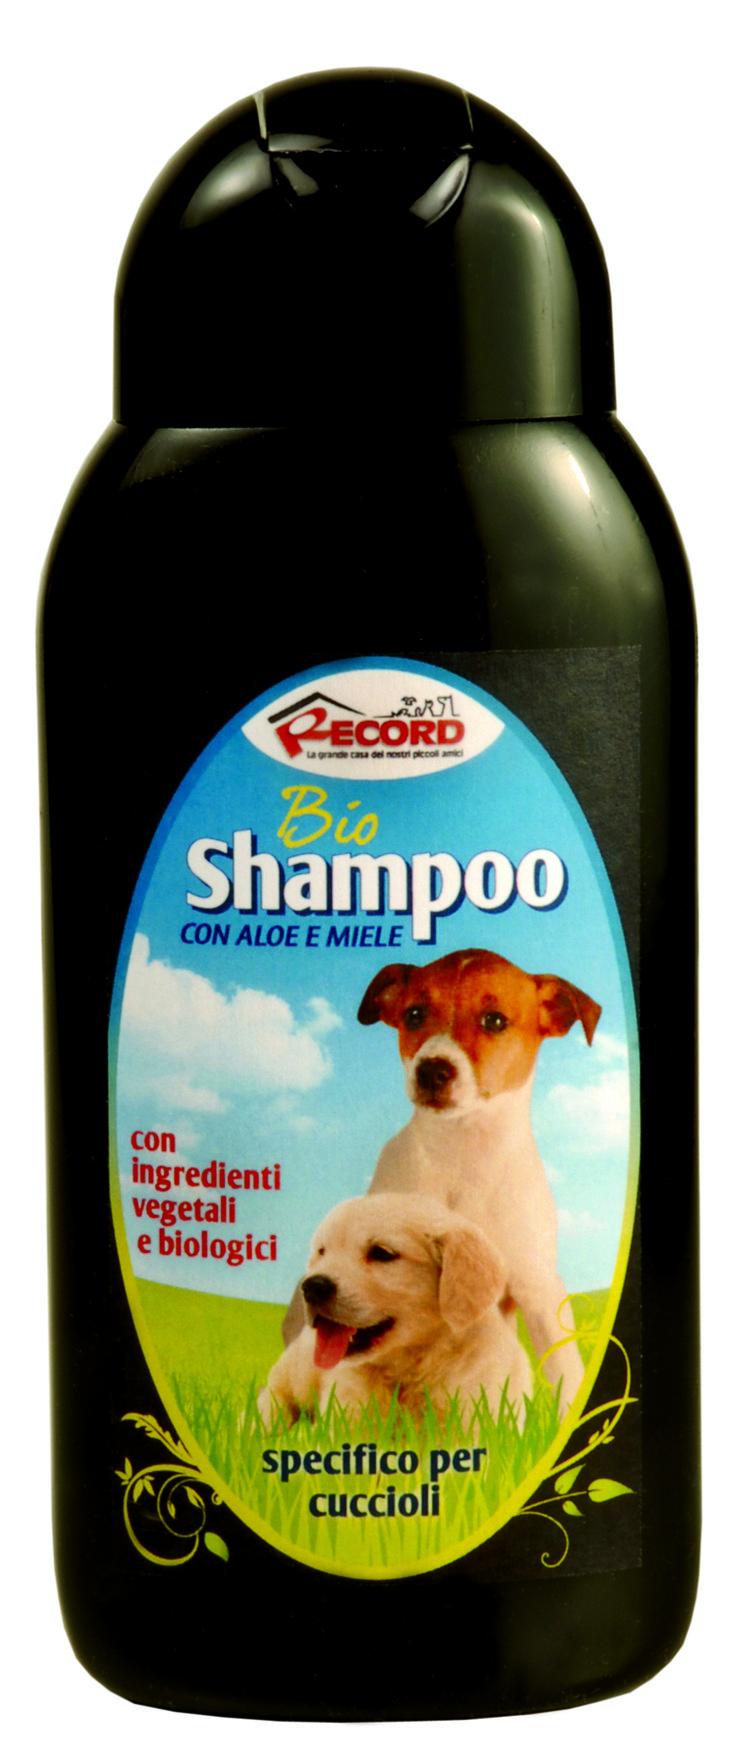 #Bio #shampoo specifico per #cani #cuccioli, by Record. www.recordit.com